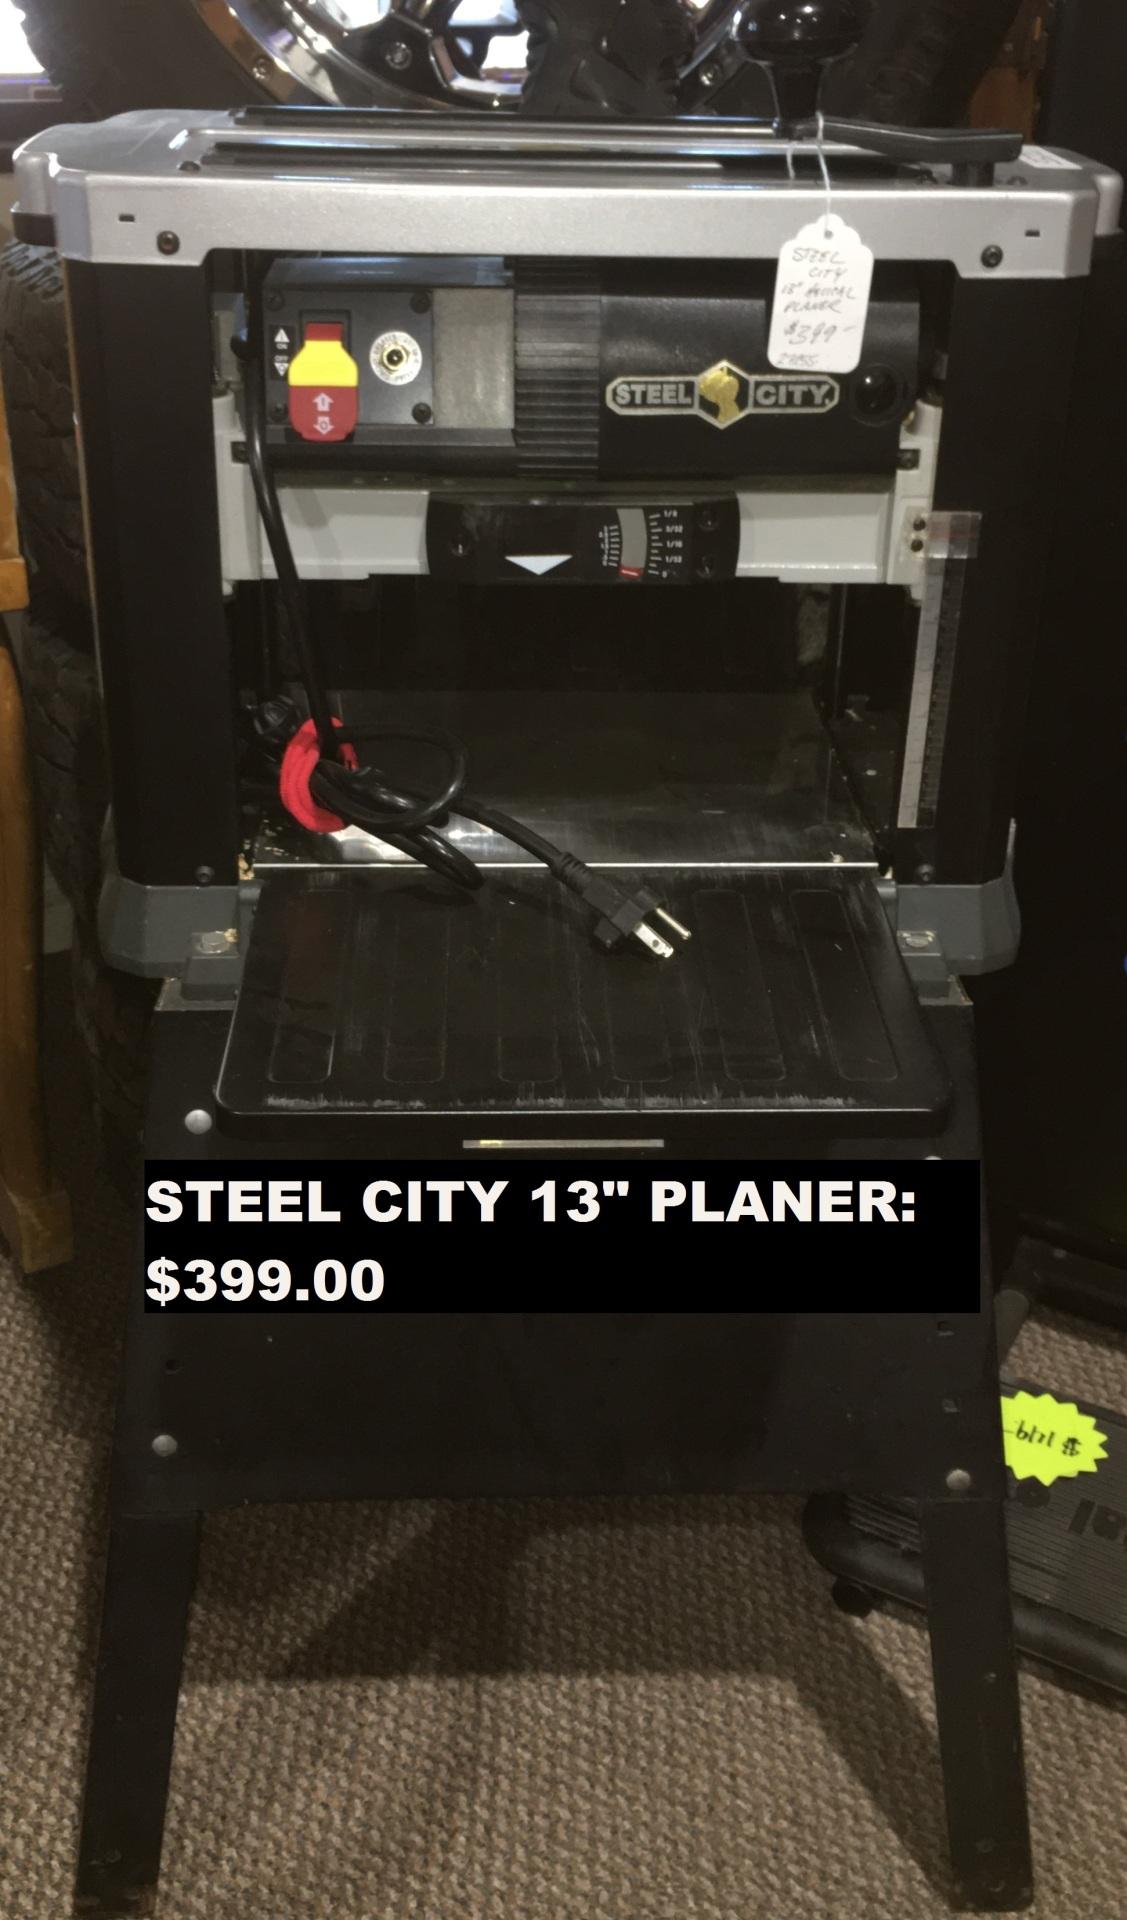 Steel City Planer